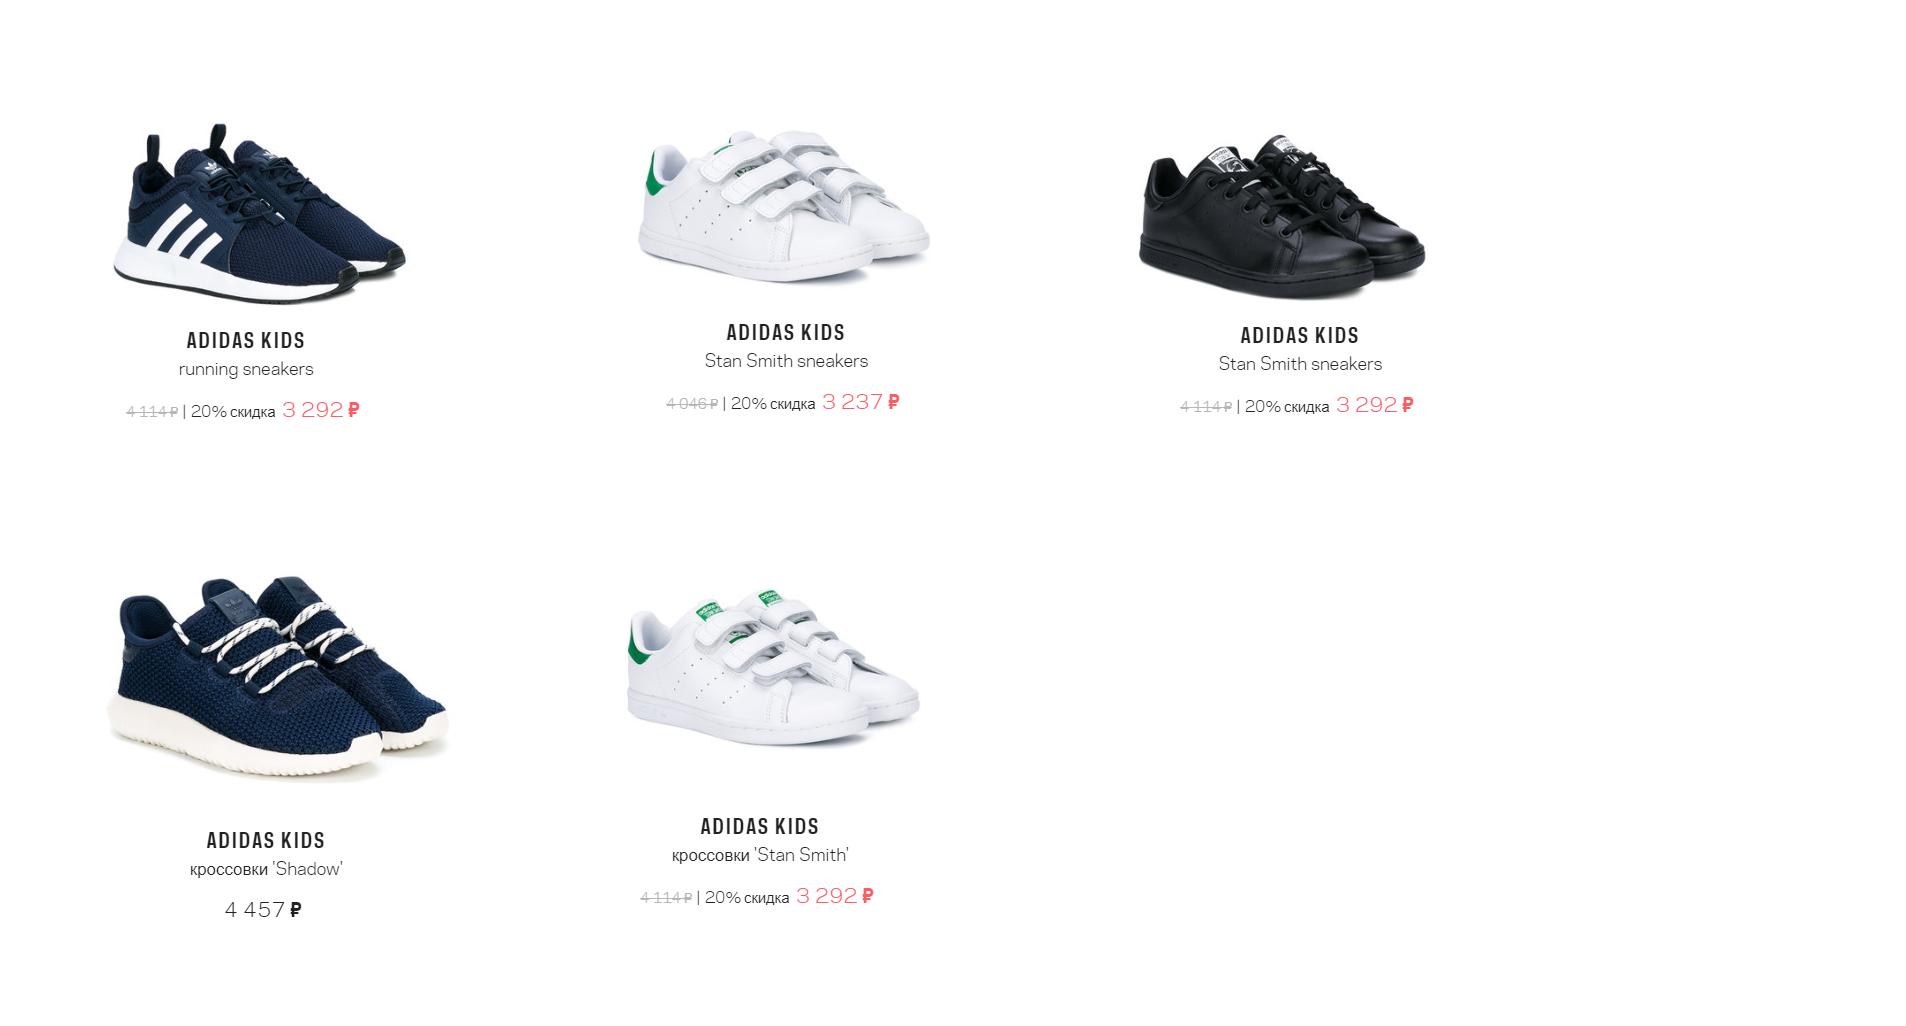 c30d2d4c Бренды стильной детской обуви: обувь для детей и для девушек с ...